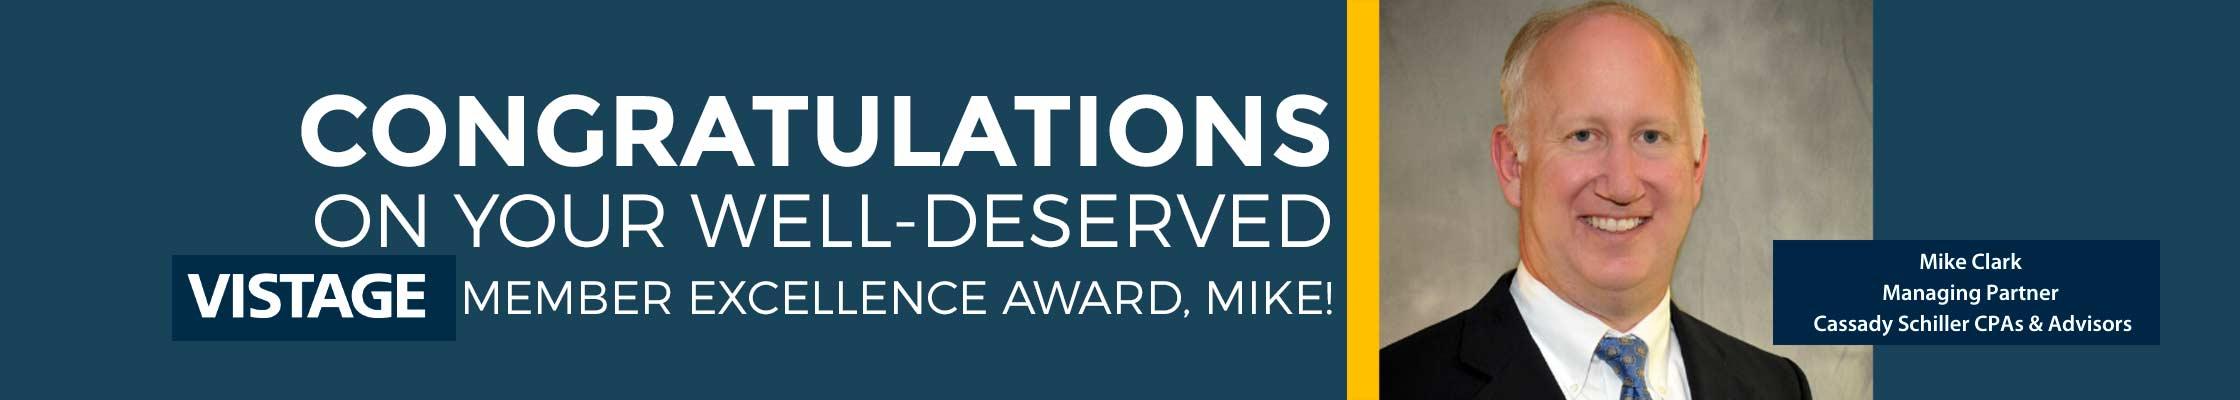 CongratsMikeClark